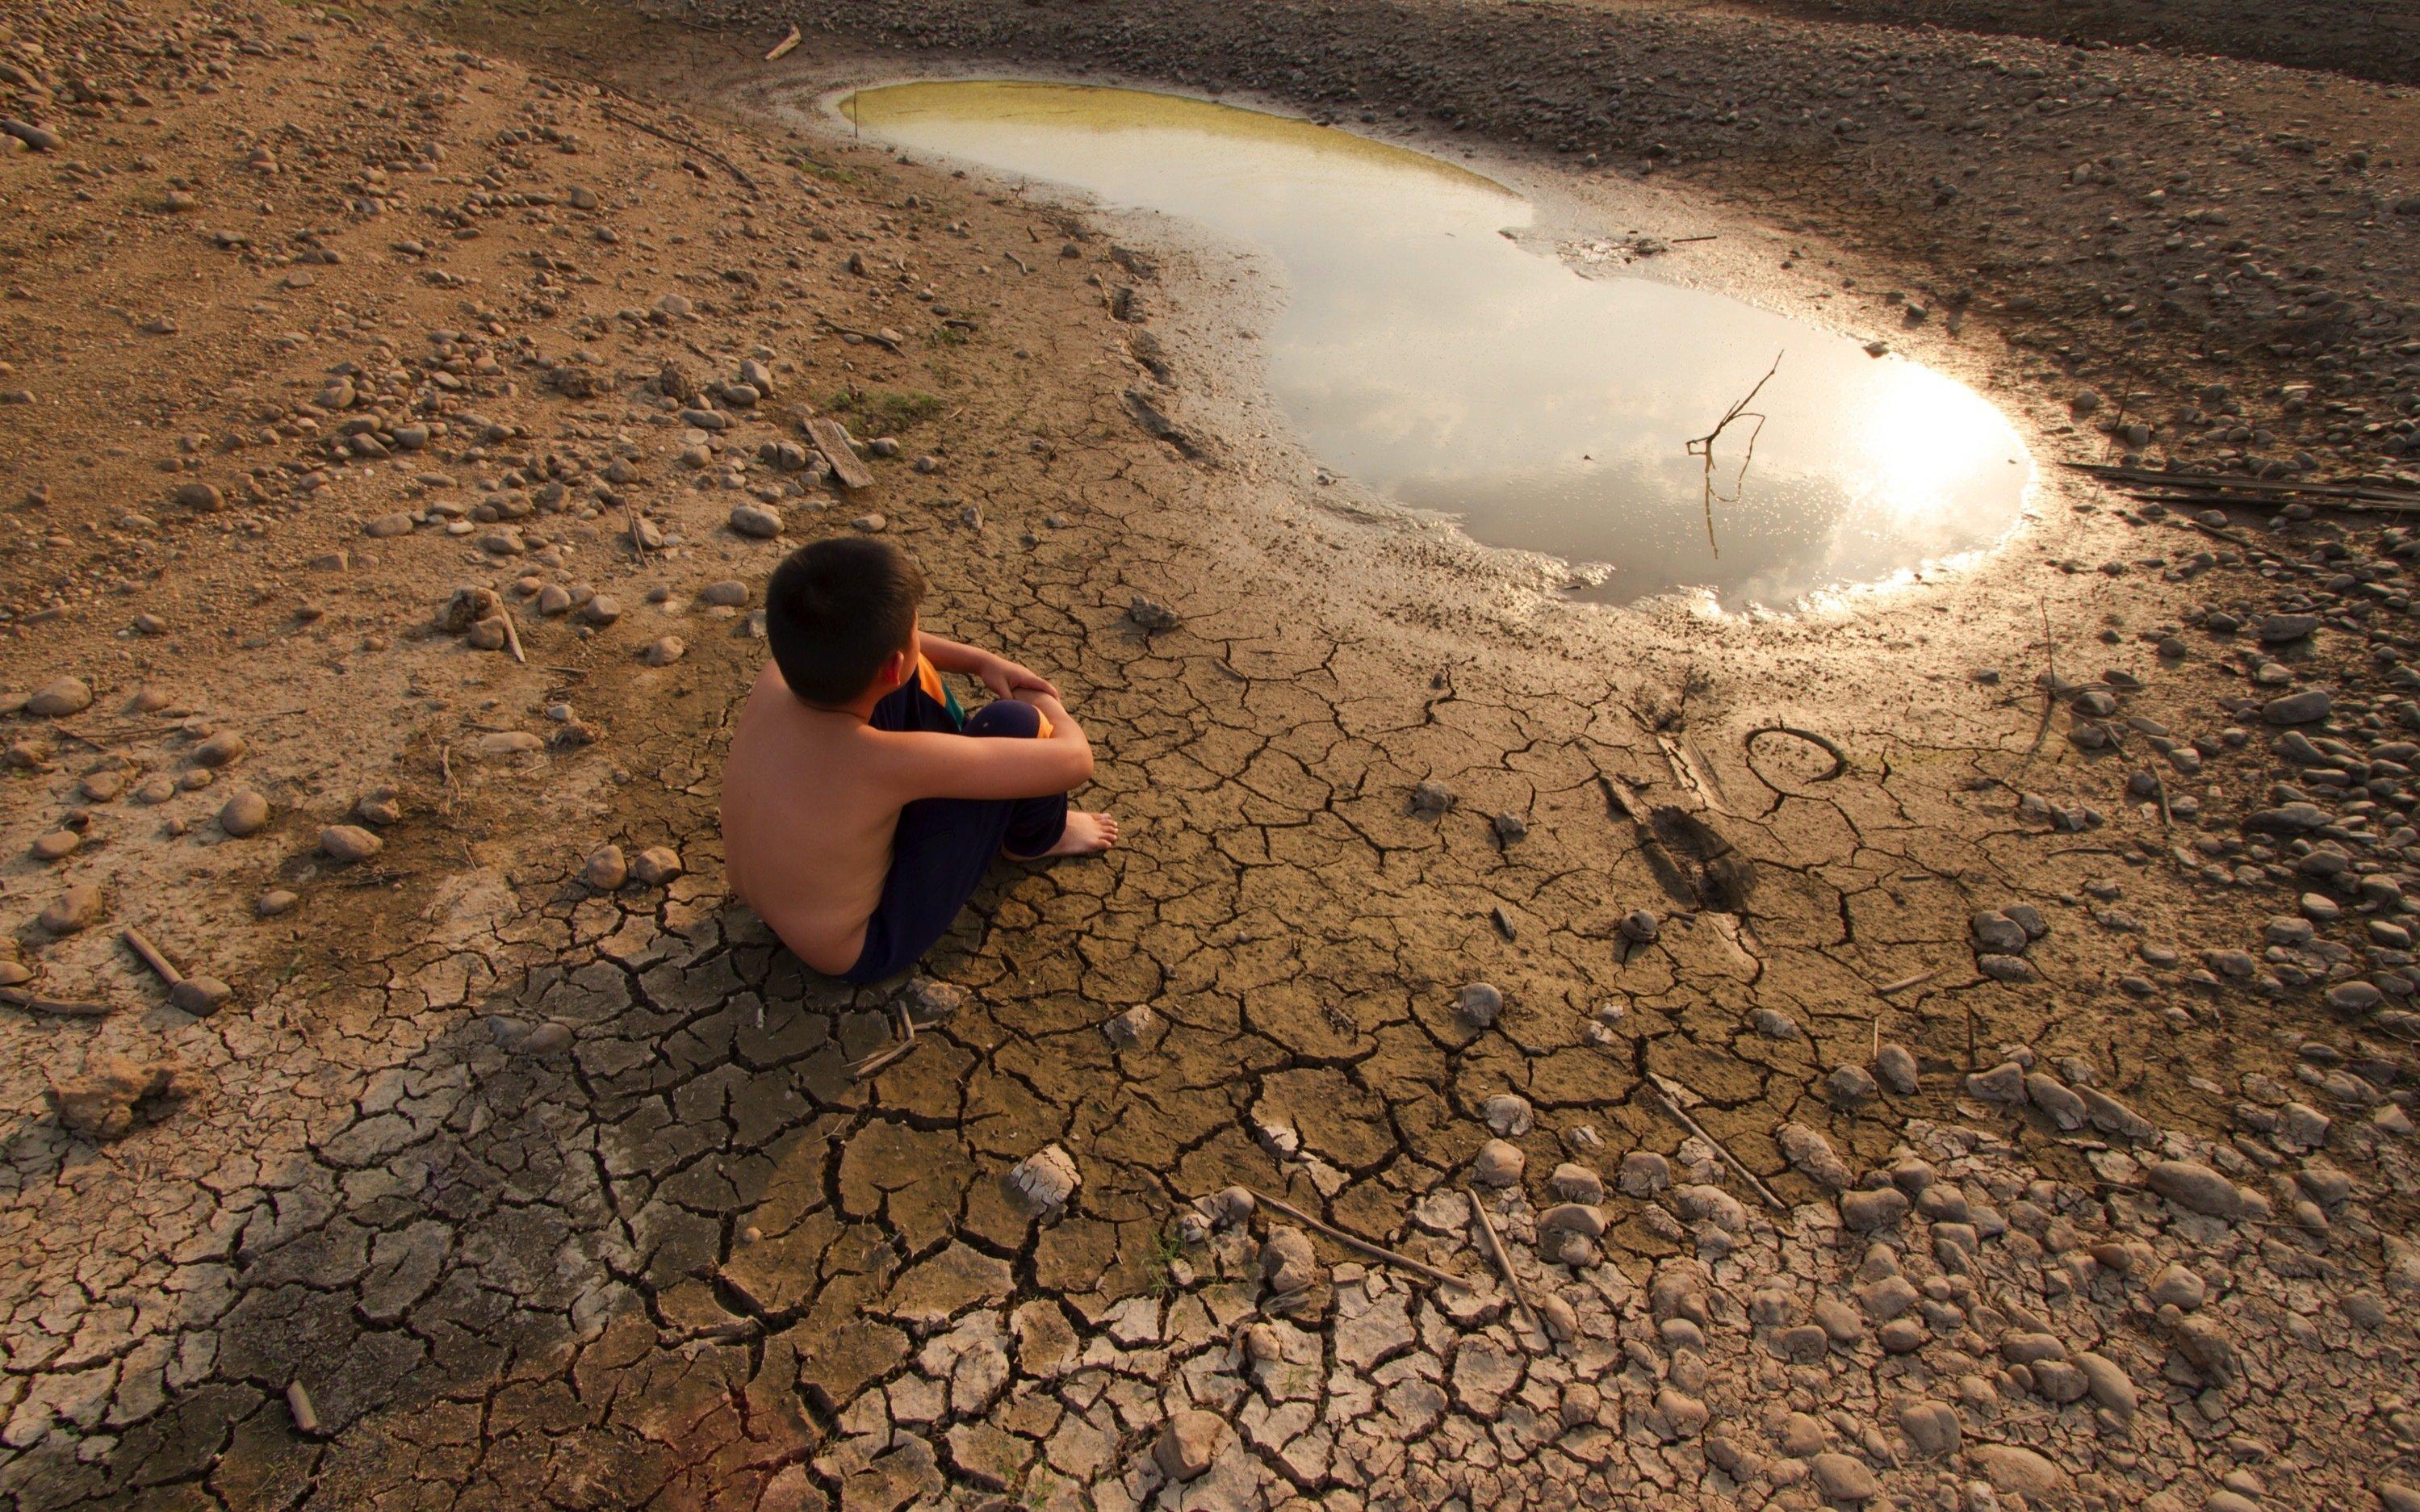 Ein Junge sitzt auf ausgetrocknetem, gerissenem Boden vor einer Pfütze.